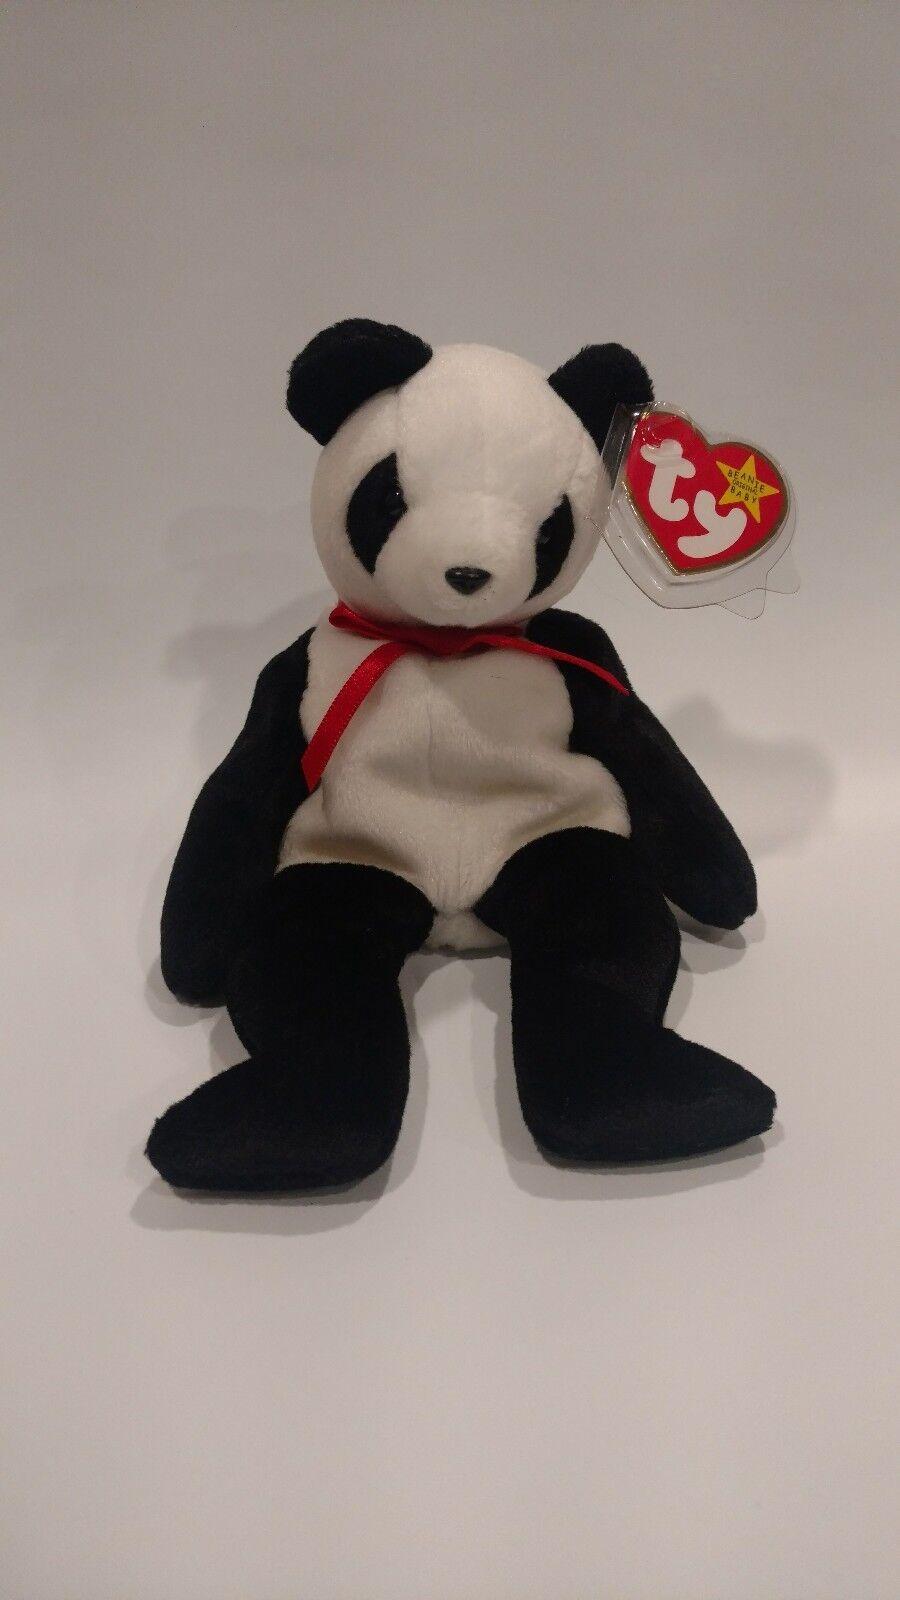 'Fortune' the Panda Panda Panda Beanie Baby - MULTIPLE ERRORS - MINT - RETIRED c34884